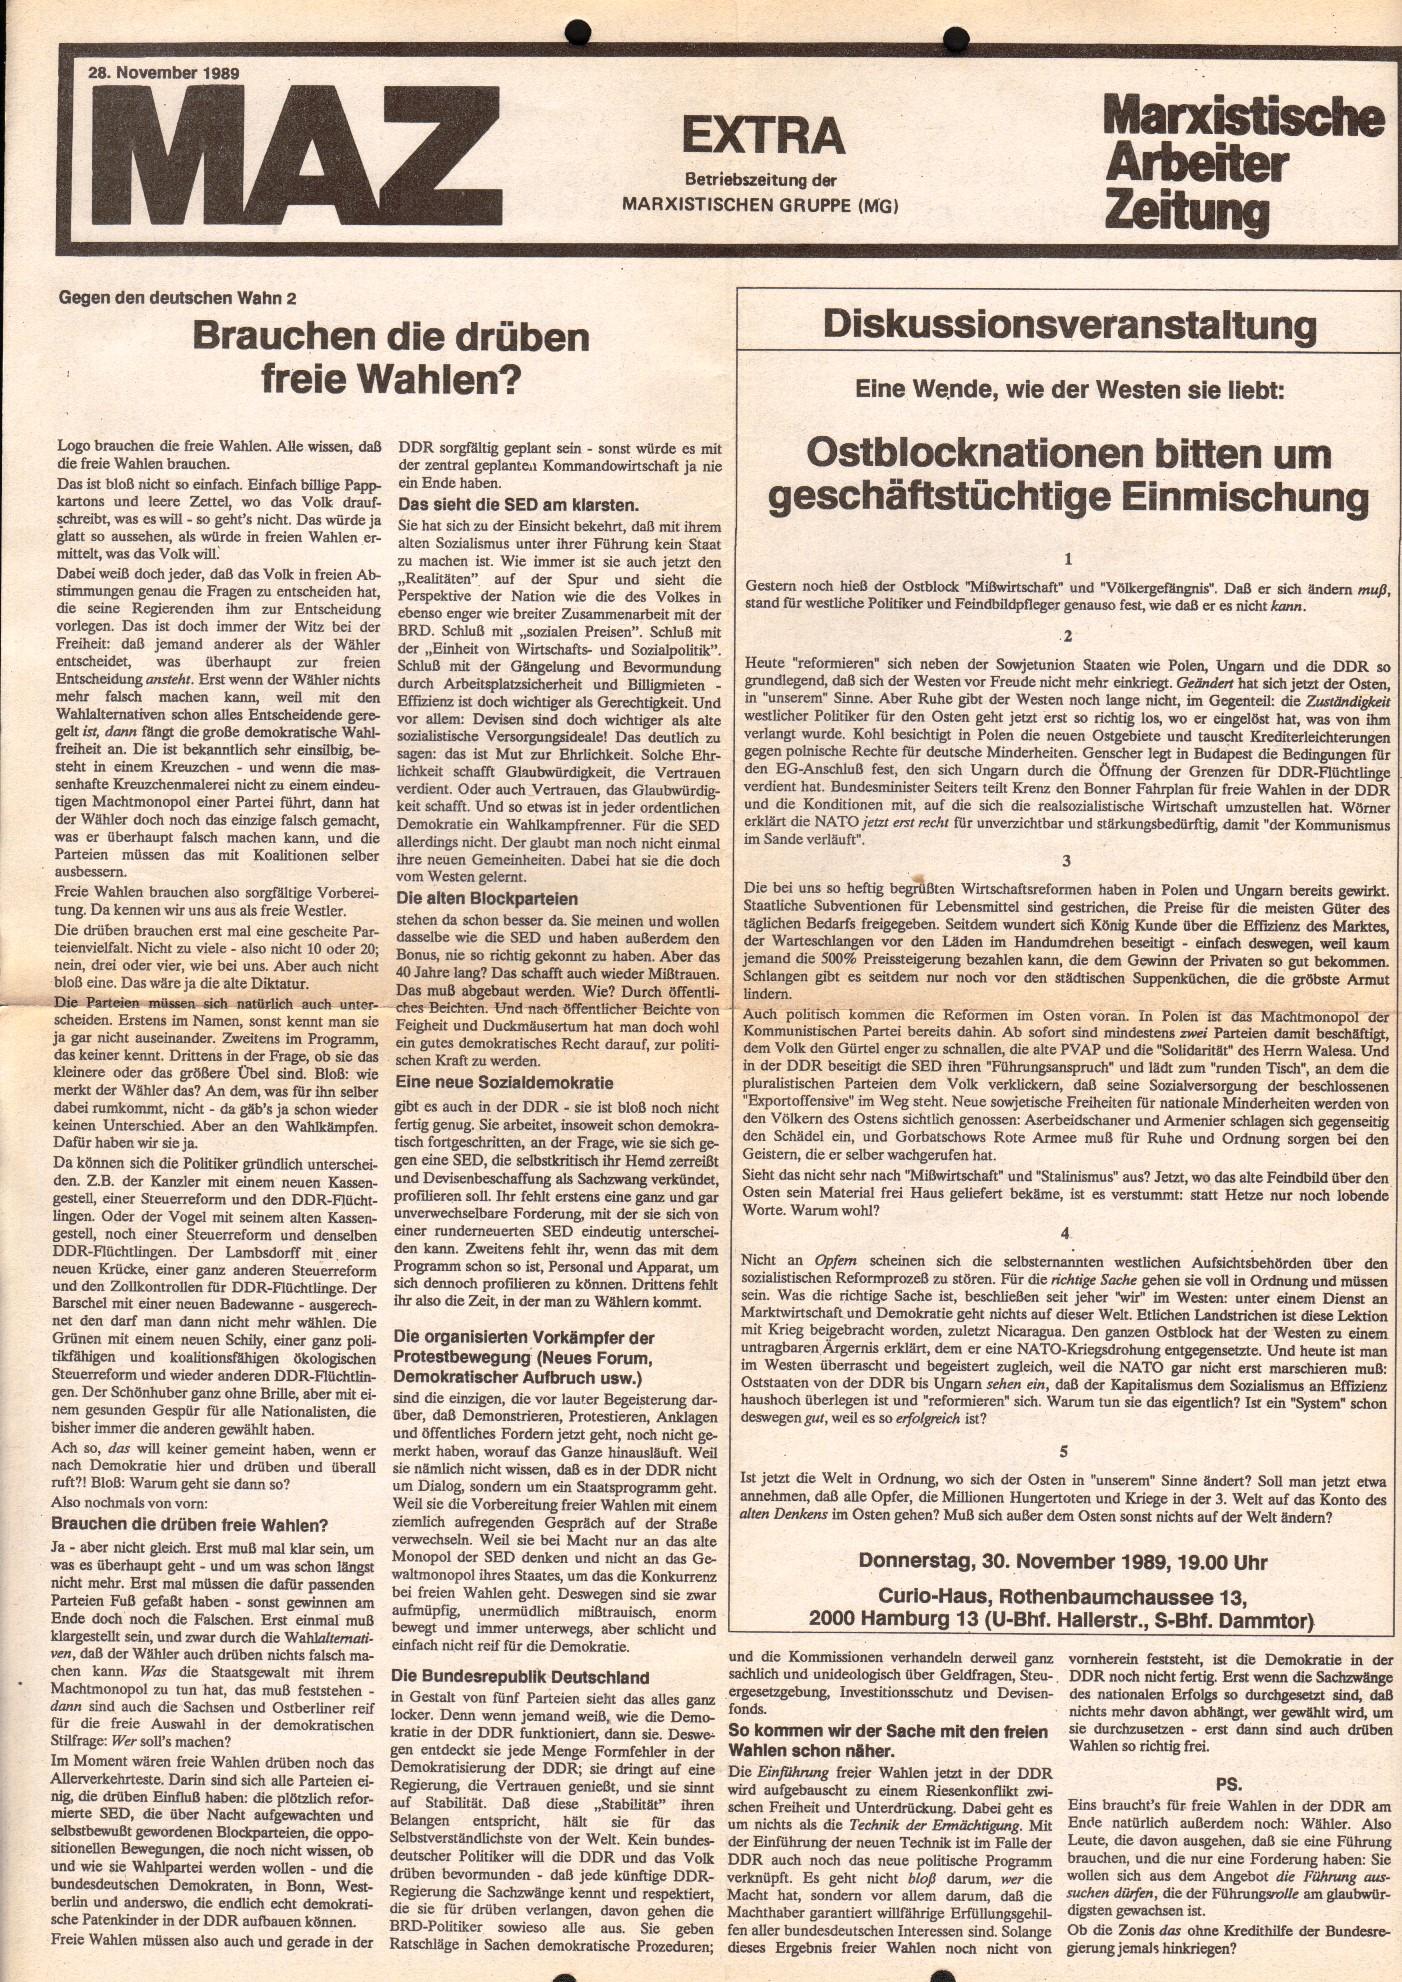 Hamburg_MG_MAZ_19891128_01